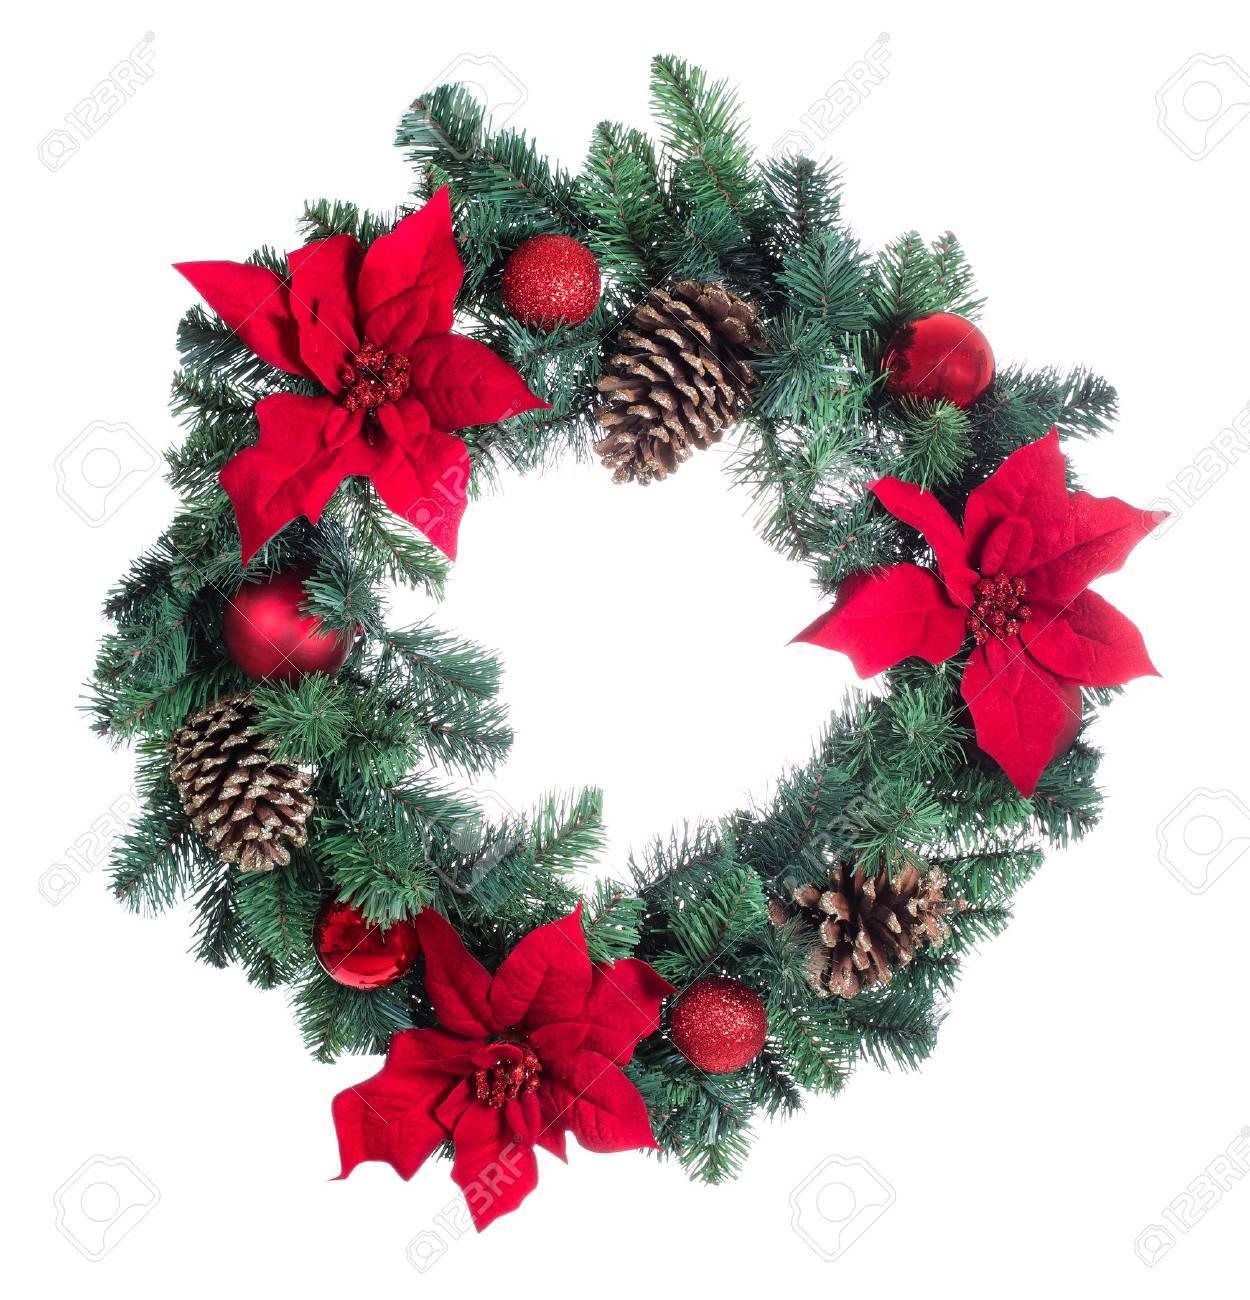 Weihnachtsstern Blume Weihnachtskranz Isoliert Auf Weißem ...